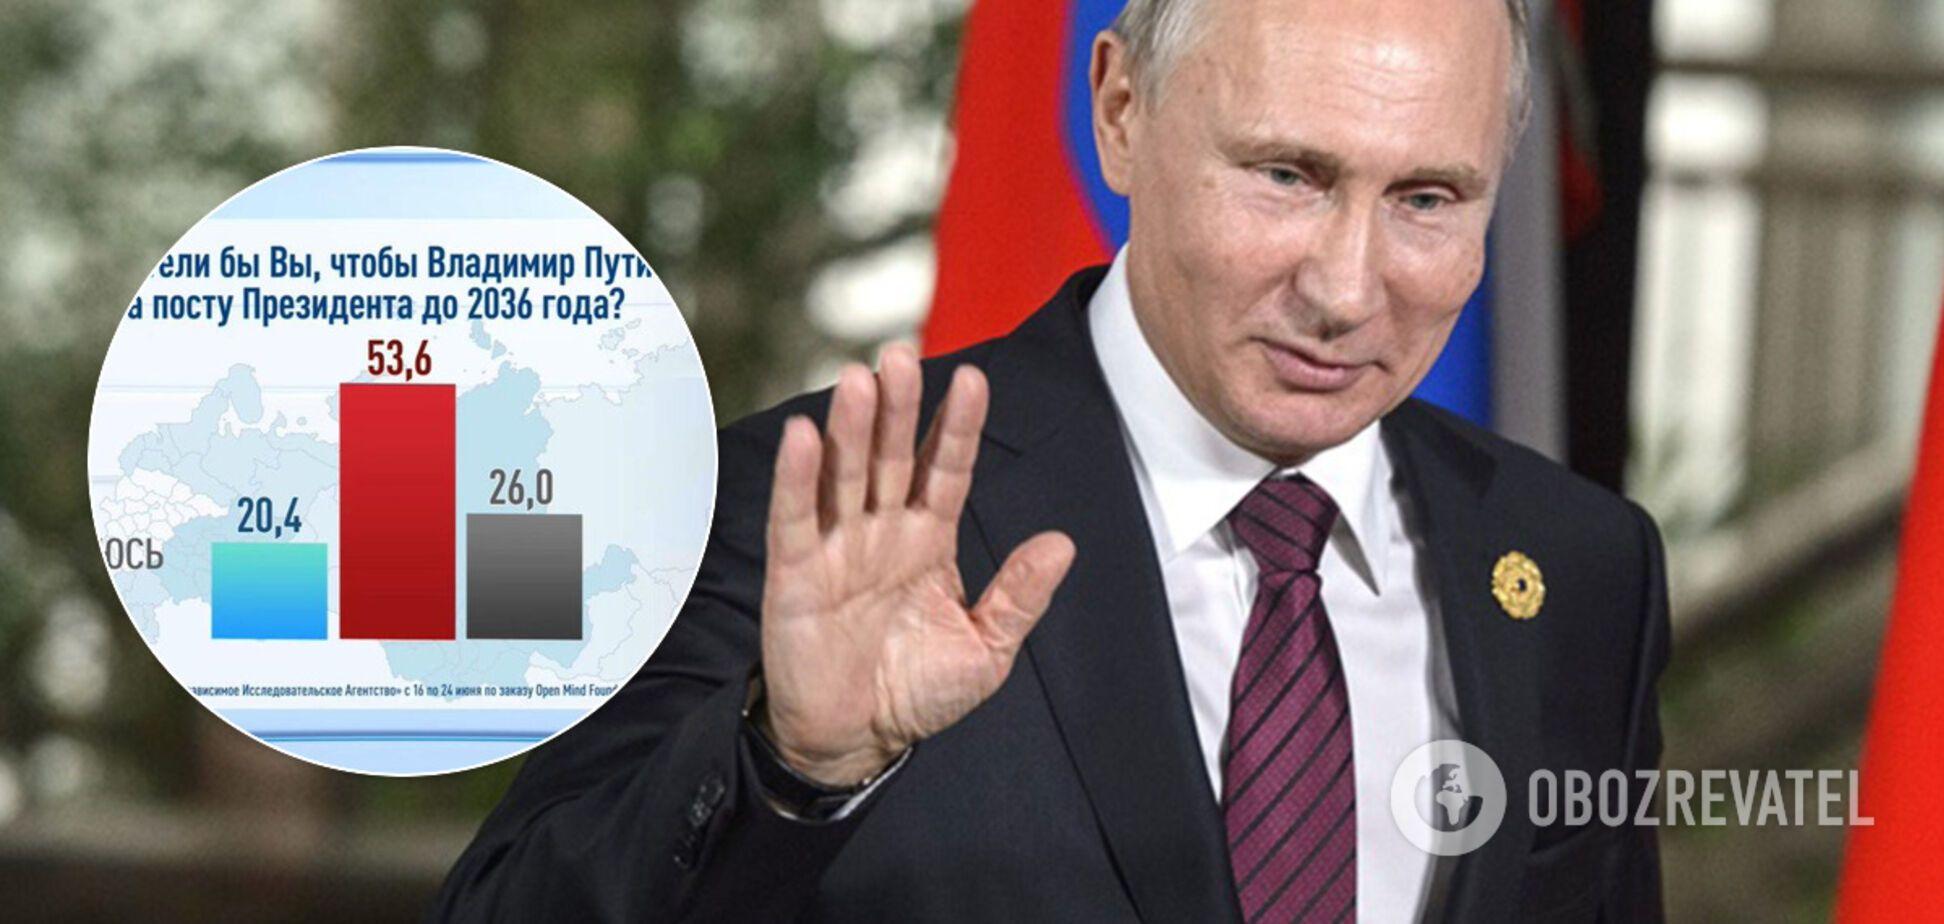 Большинство россиян против дальнейшего президентства  Путина